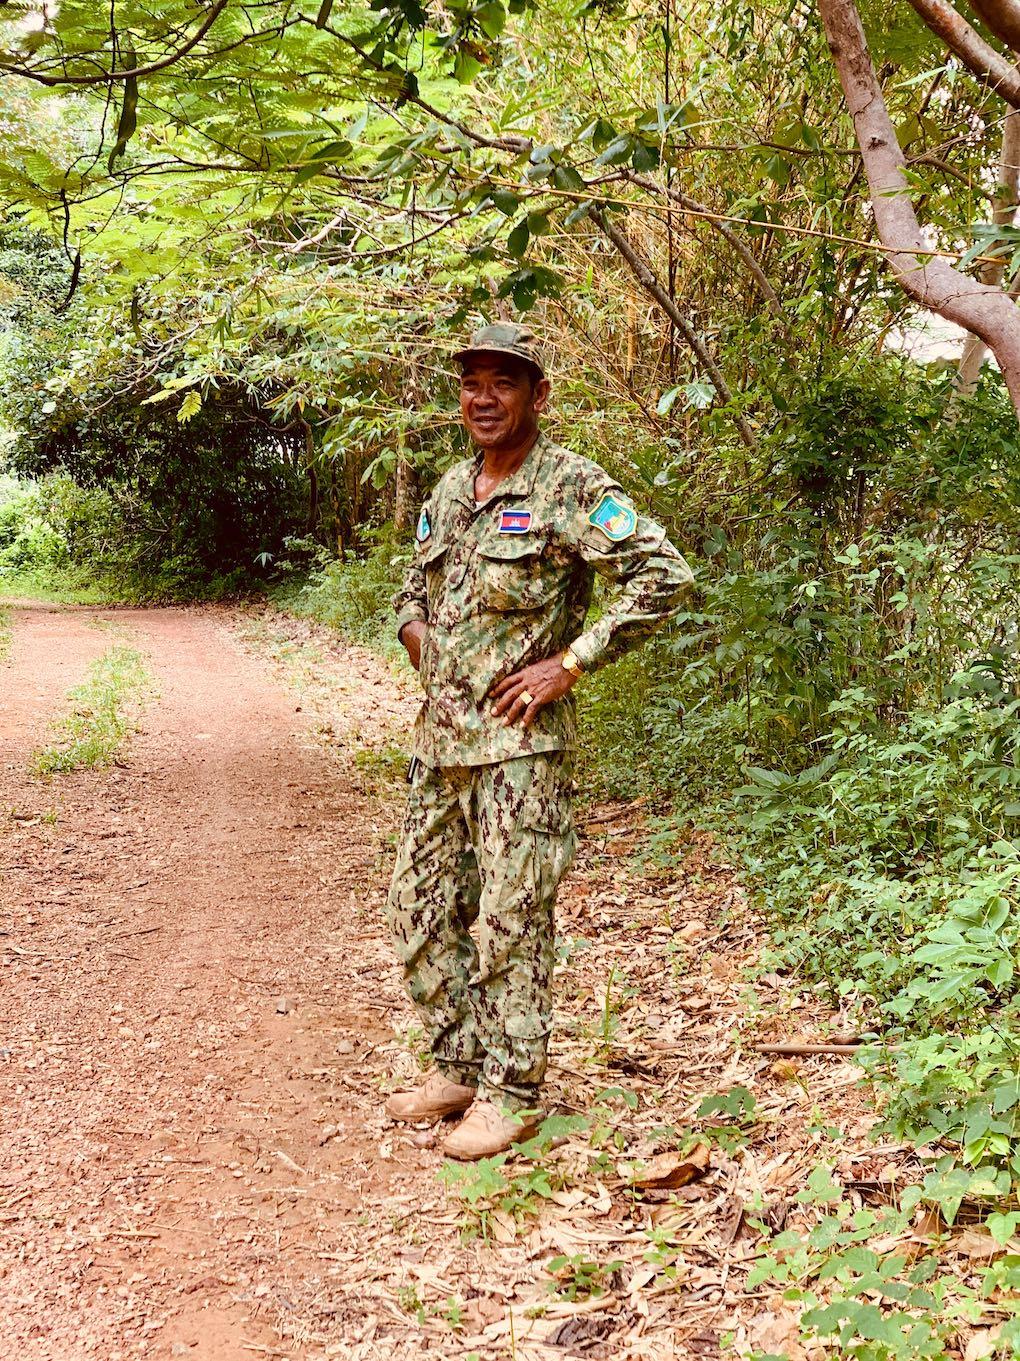 Park ranger Kep National Park